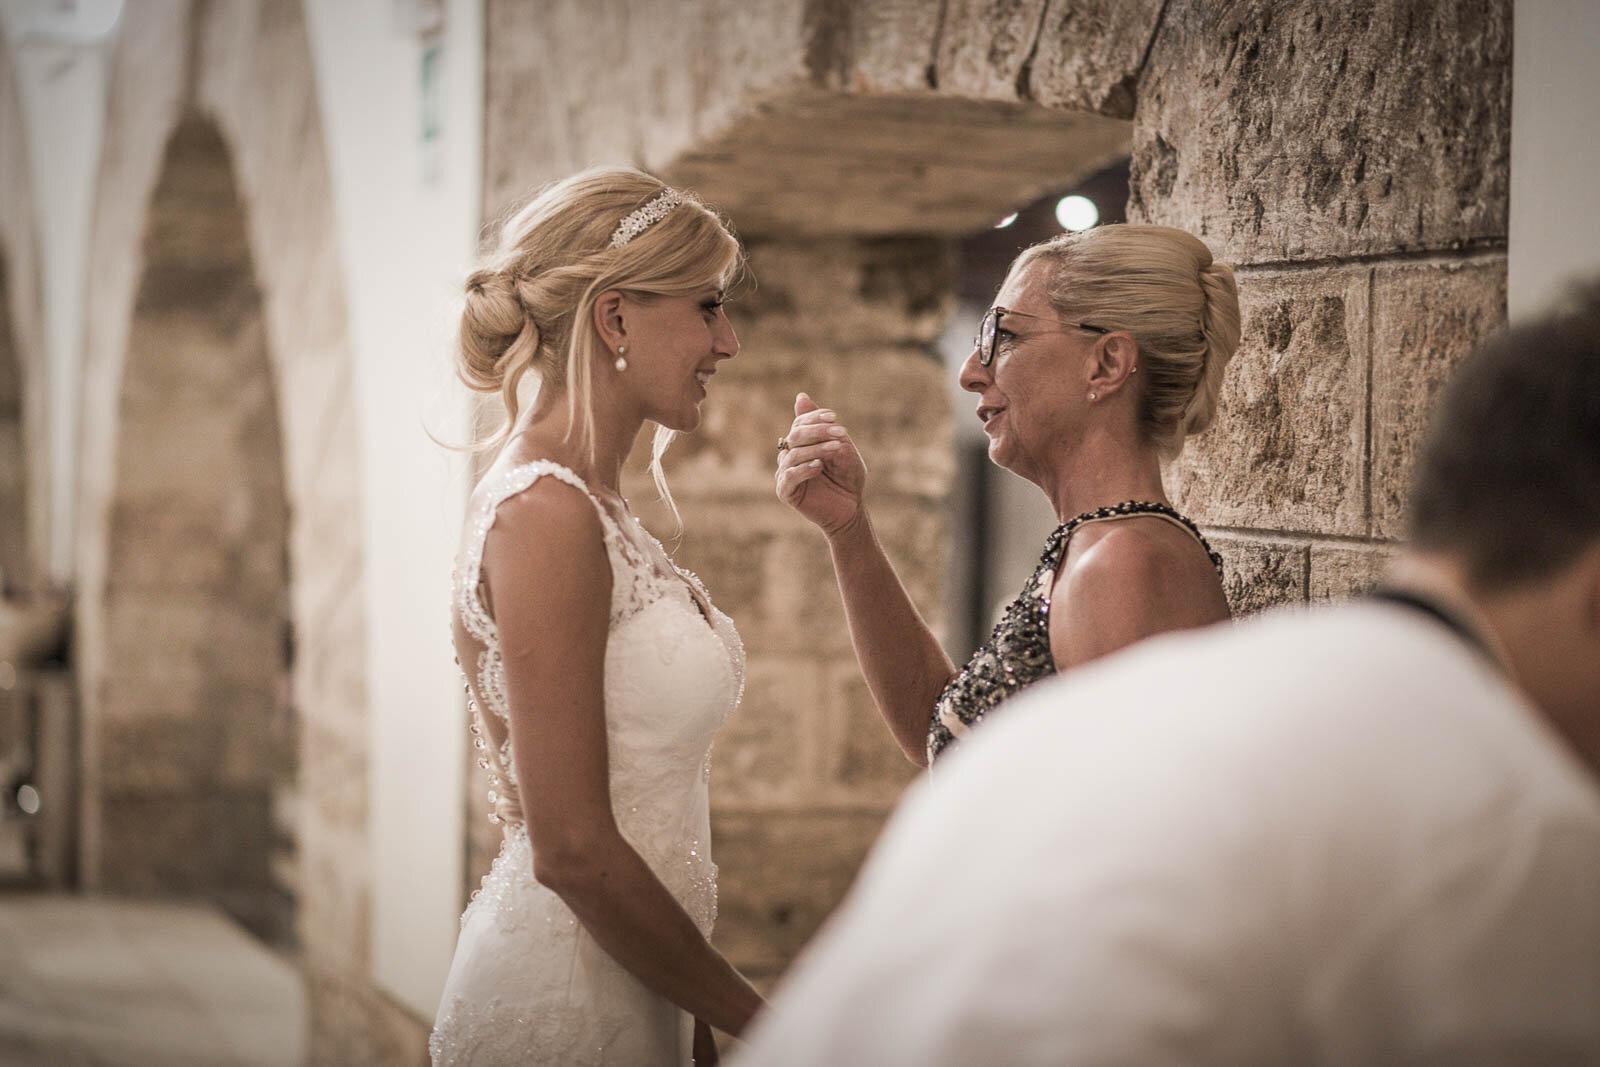 matrimonio romantico castello monaci 21.jpg